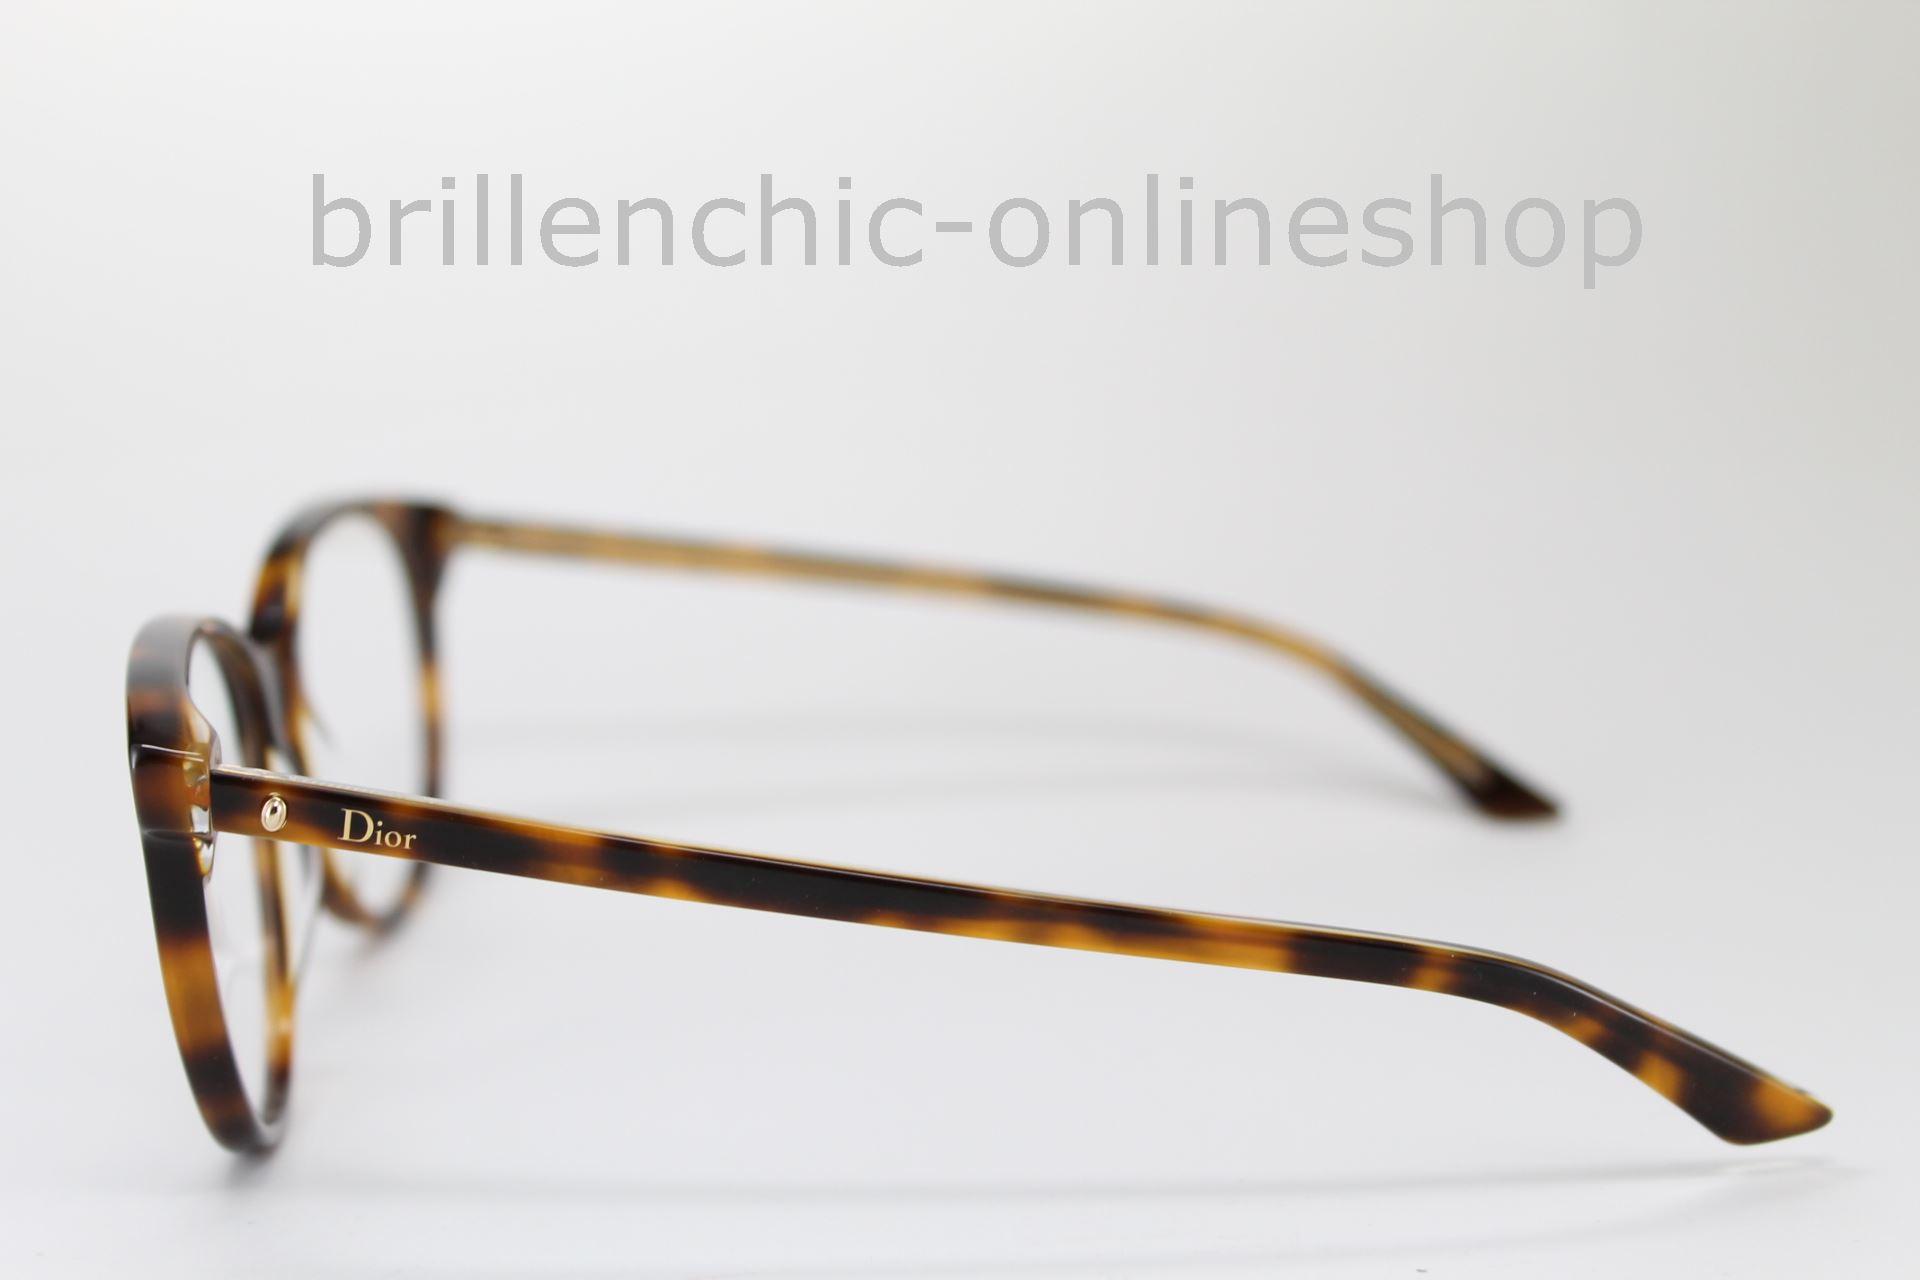 Brillenchic Onlineshop In Berlin Dior Montaigne 16 Na3